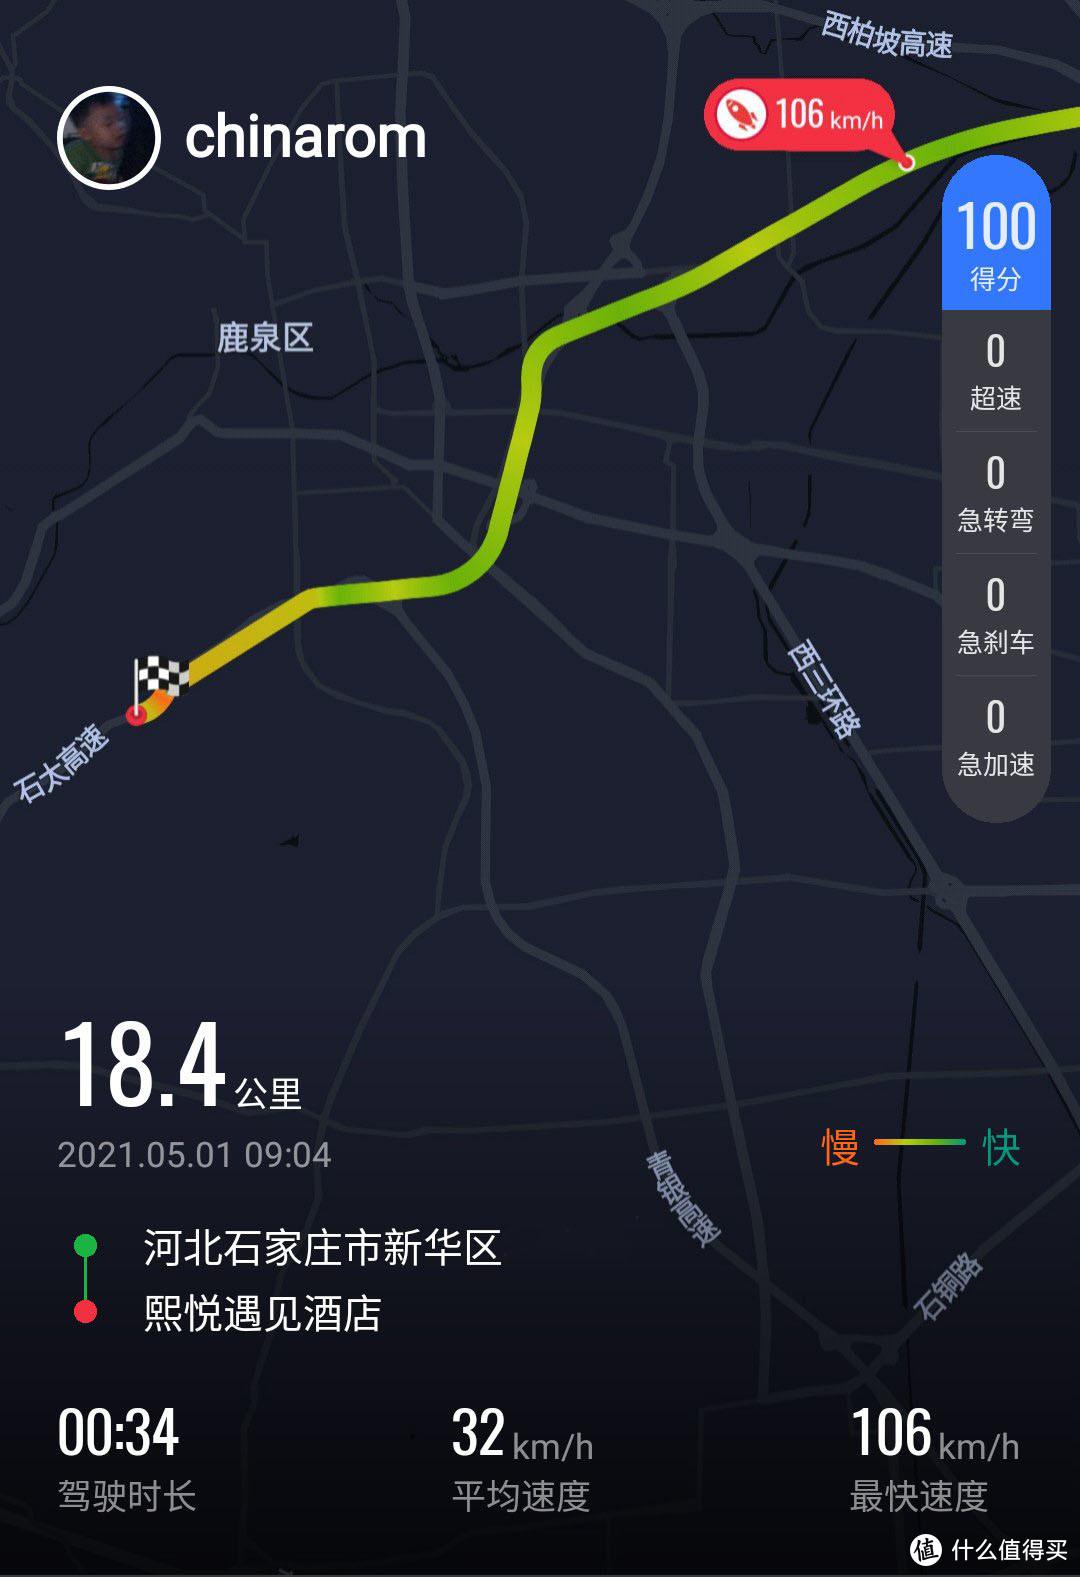 五一高速公路拥堵的秘密,精心选择的道路为何延误4个小时?